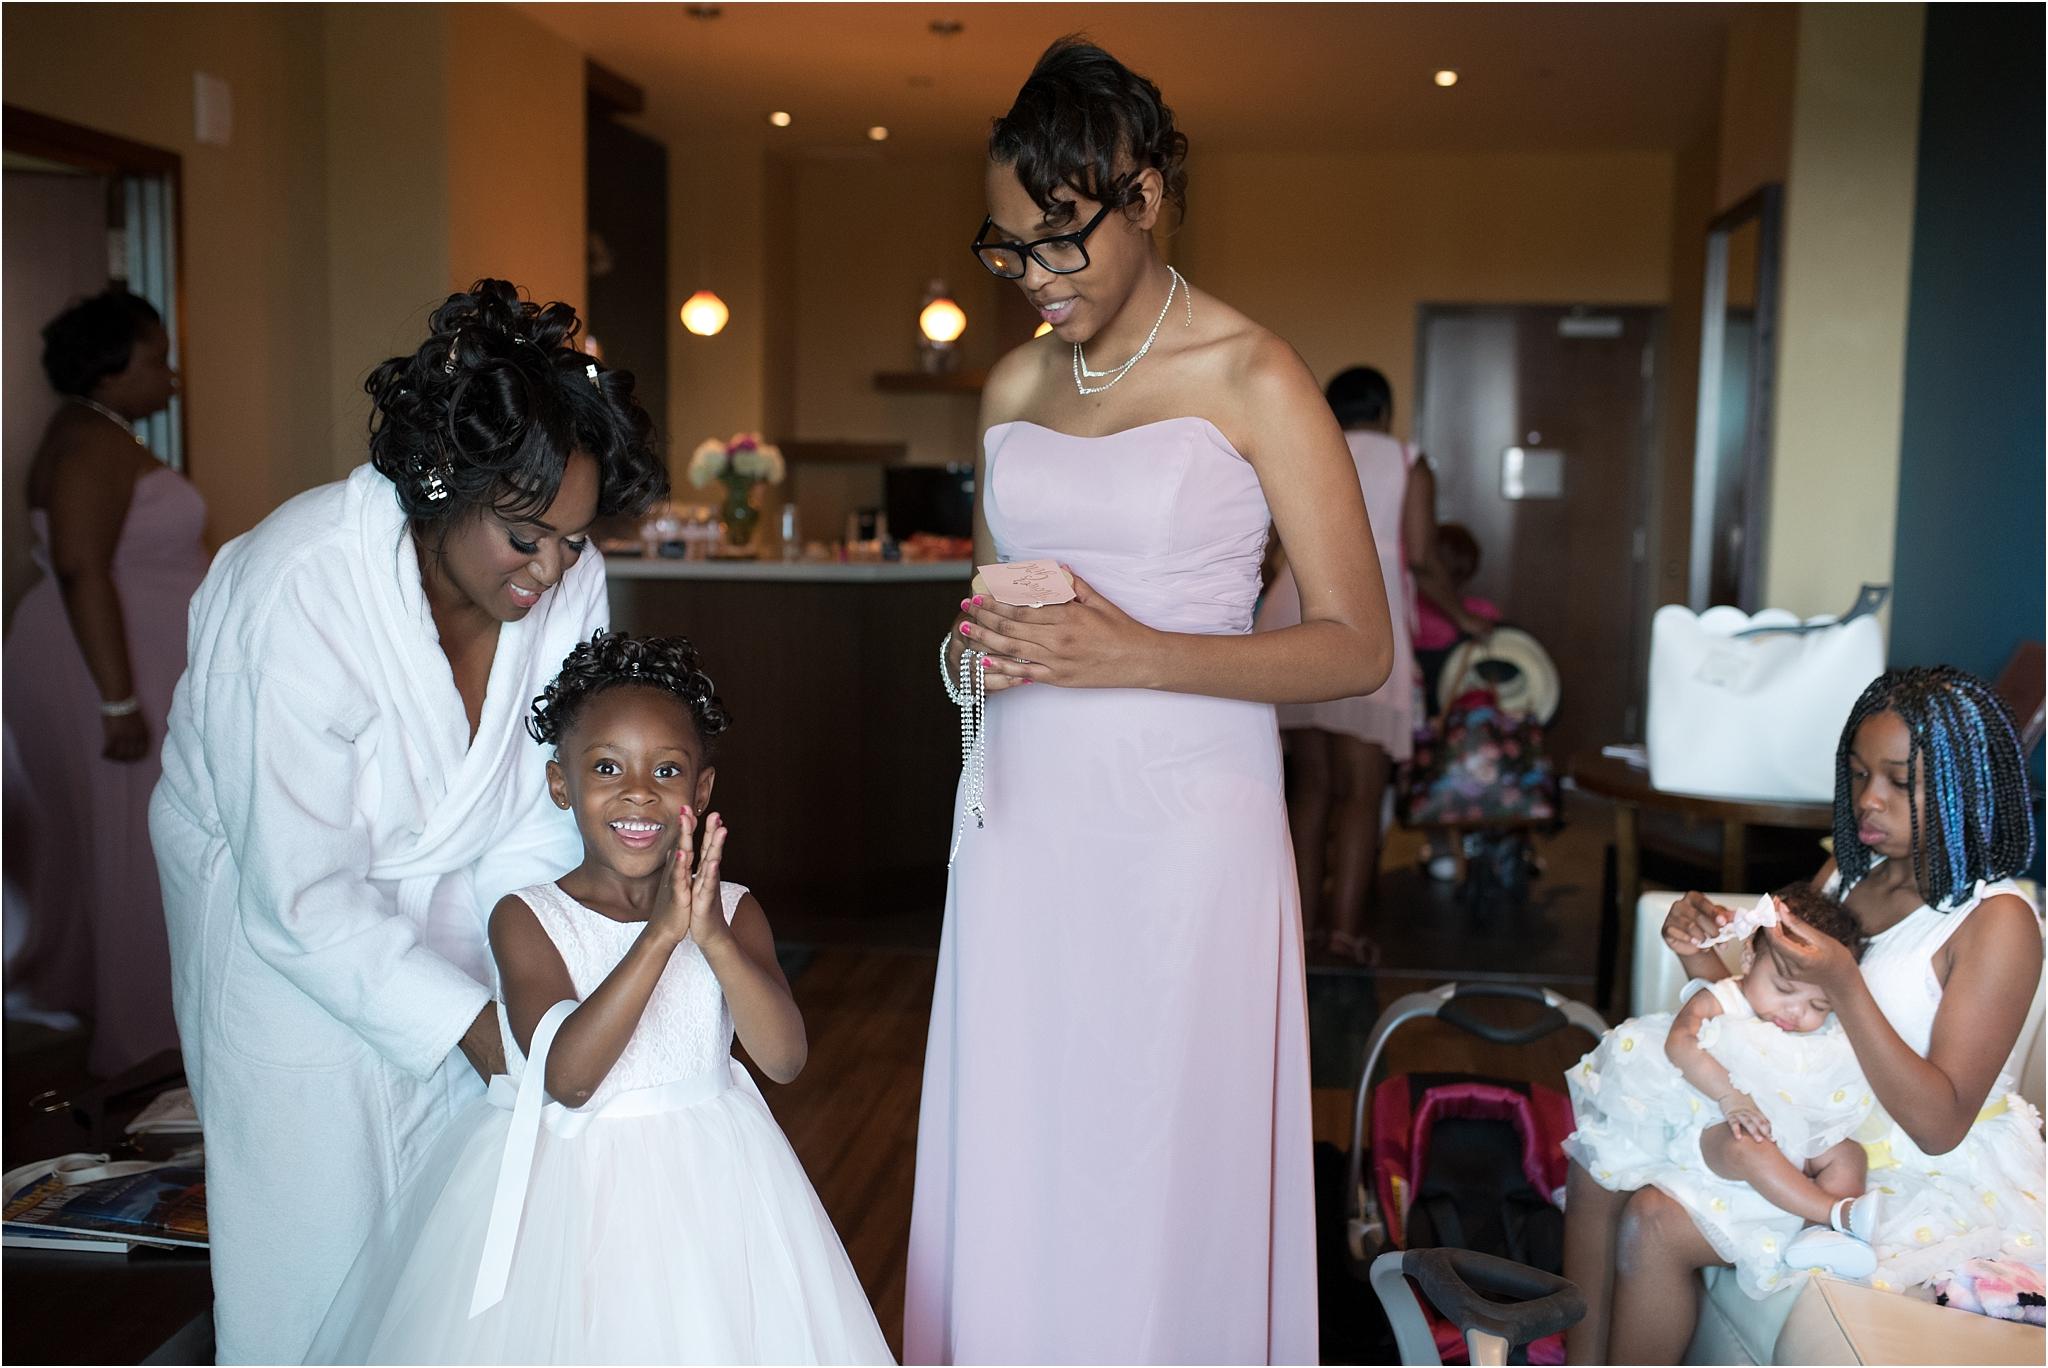 kayla kitts photography - albuquerque wedding photographer - isleta wedding_0006.jpg